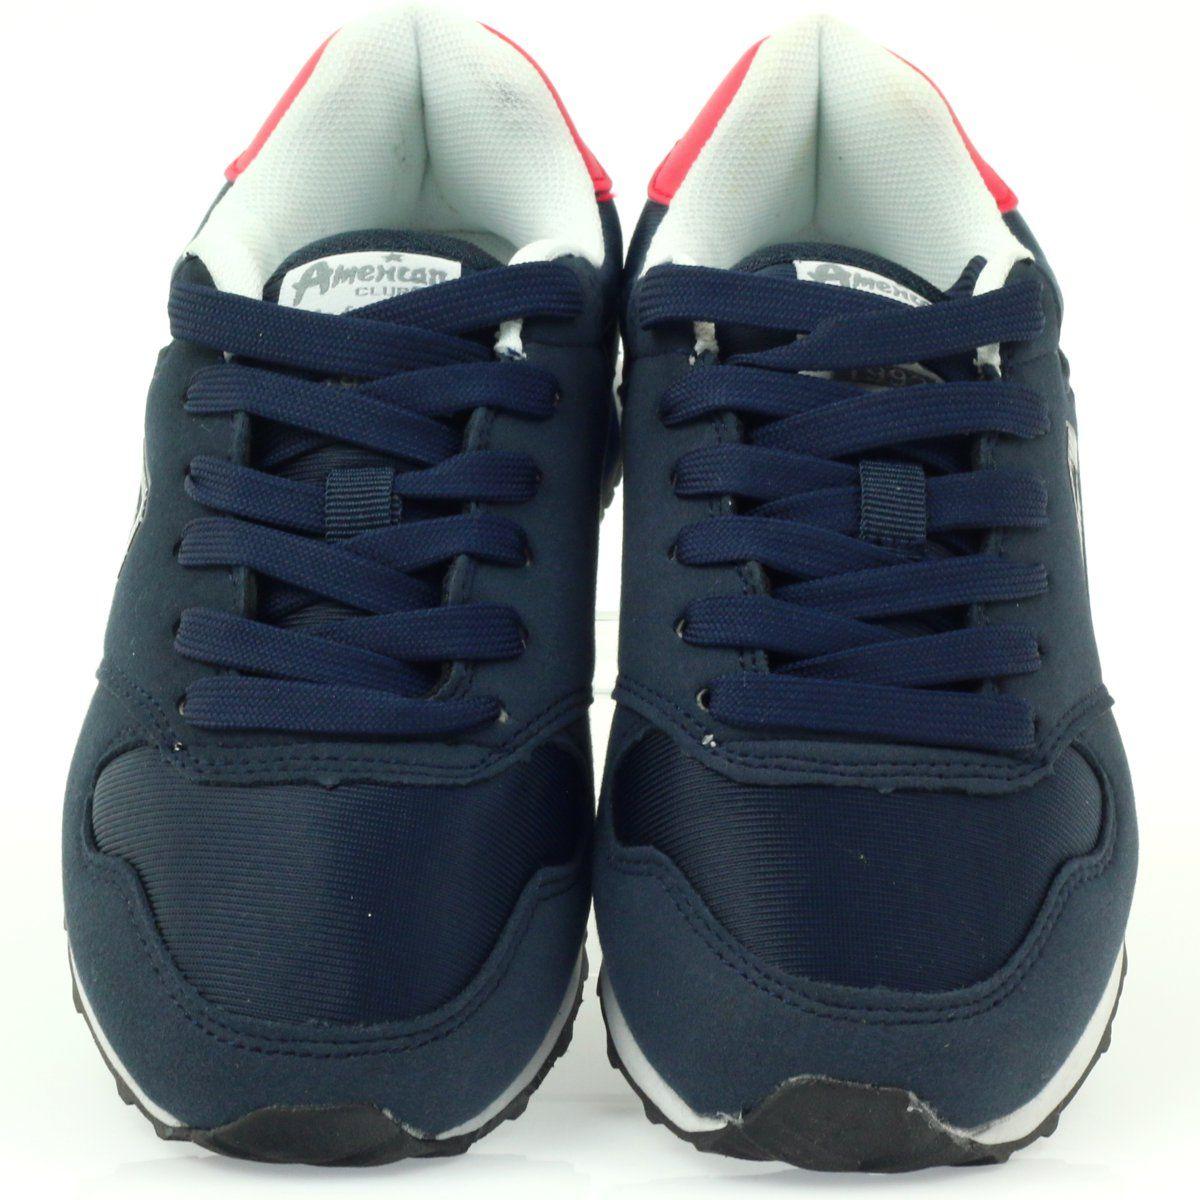 American Club American Adi Sportowe Buty Dzieciece 1757 Czerwone Granatowe Kid Shoes Club Shoes Sports Shoes